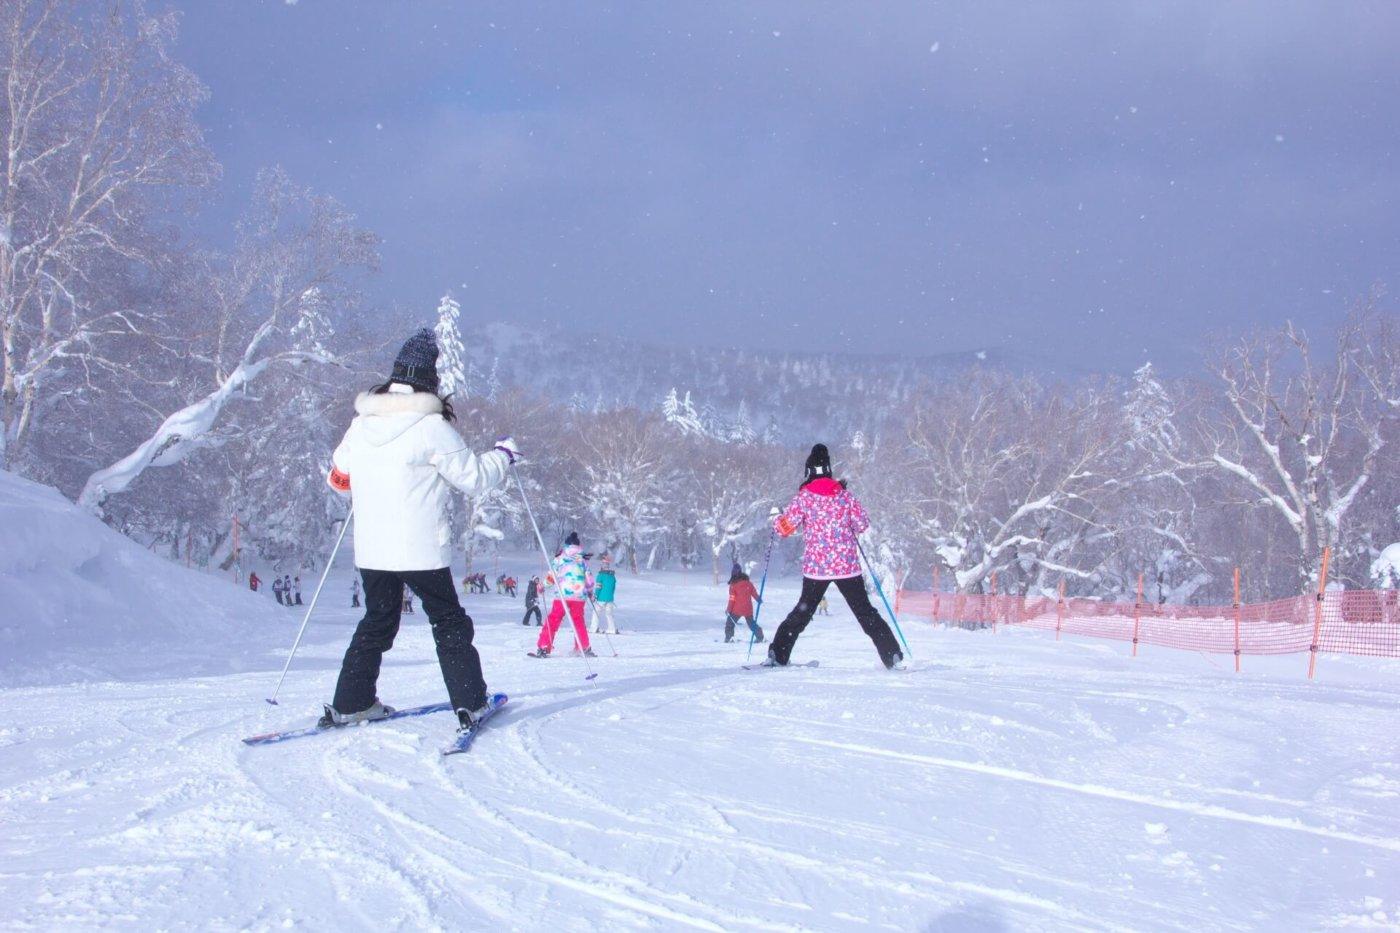 スキーを始めよう!スキーの持ち物